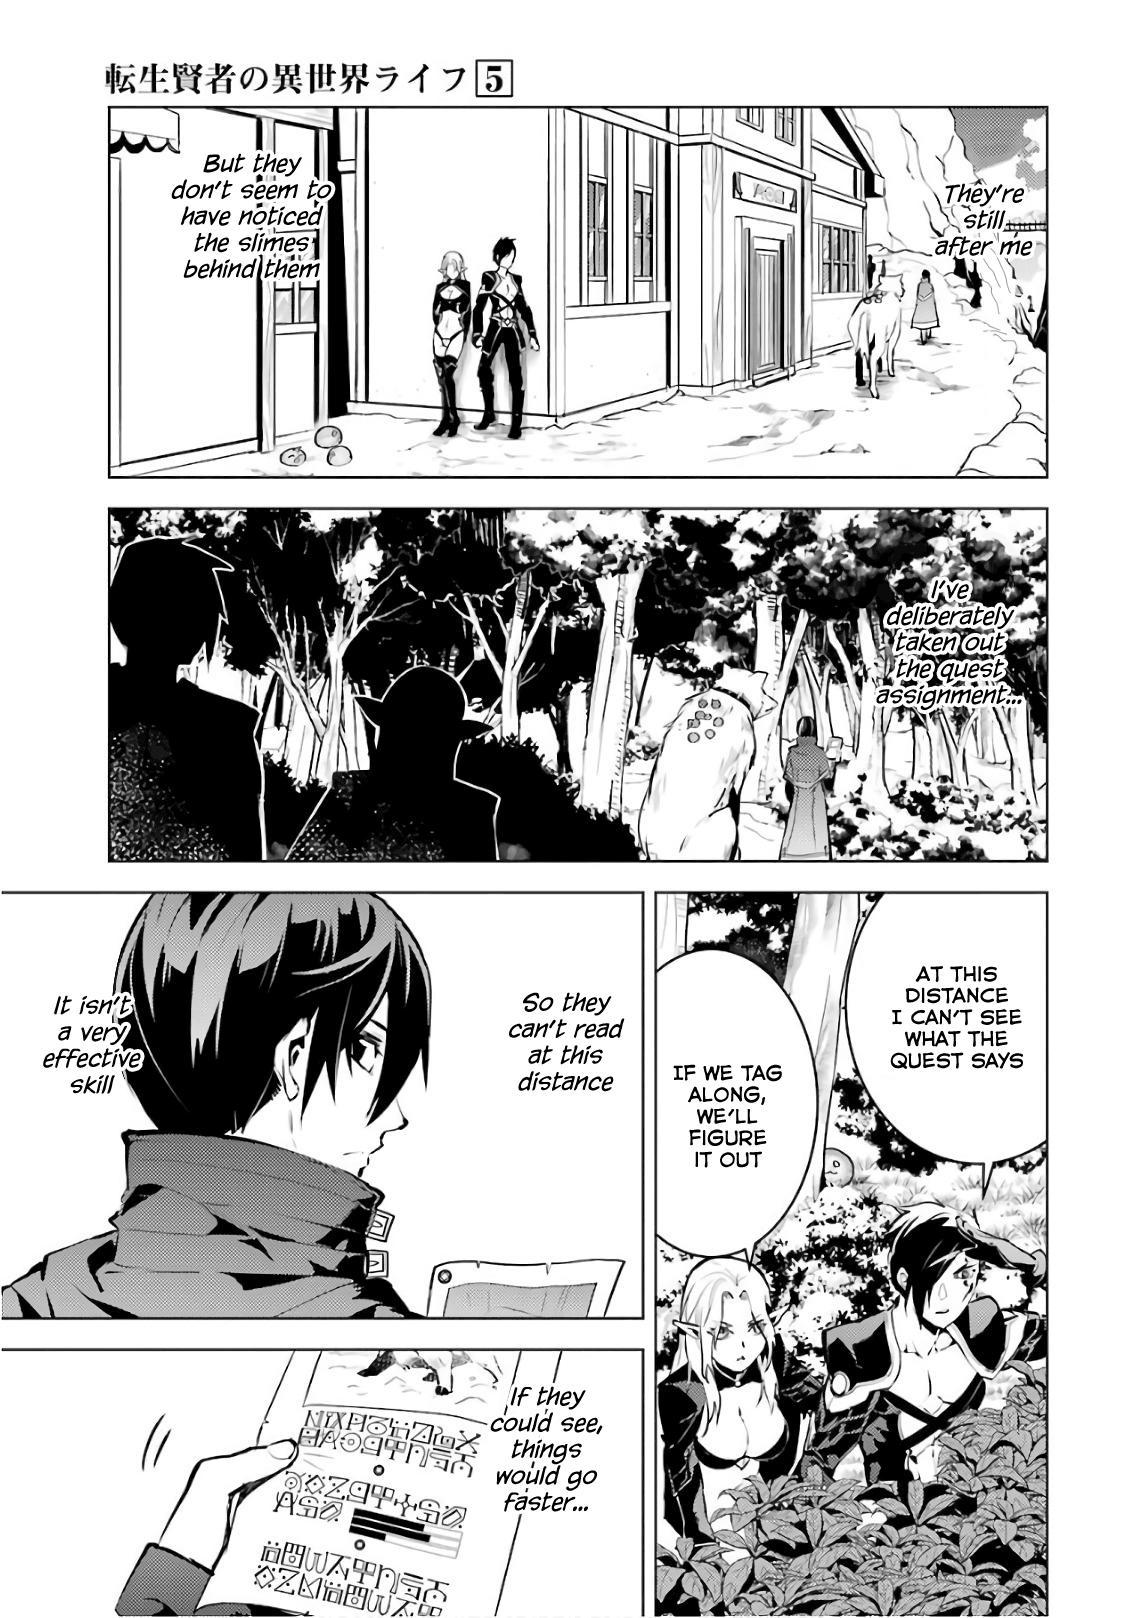 Tensei Kenja No Isekai Raifu ~Daini No Shokugyo Wo Ete, Sekai Saikyou Ni Narimashita~ Vol.5 Chapter 15: I Was Being Pursued page 27 - Mangakakalots.com